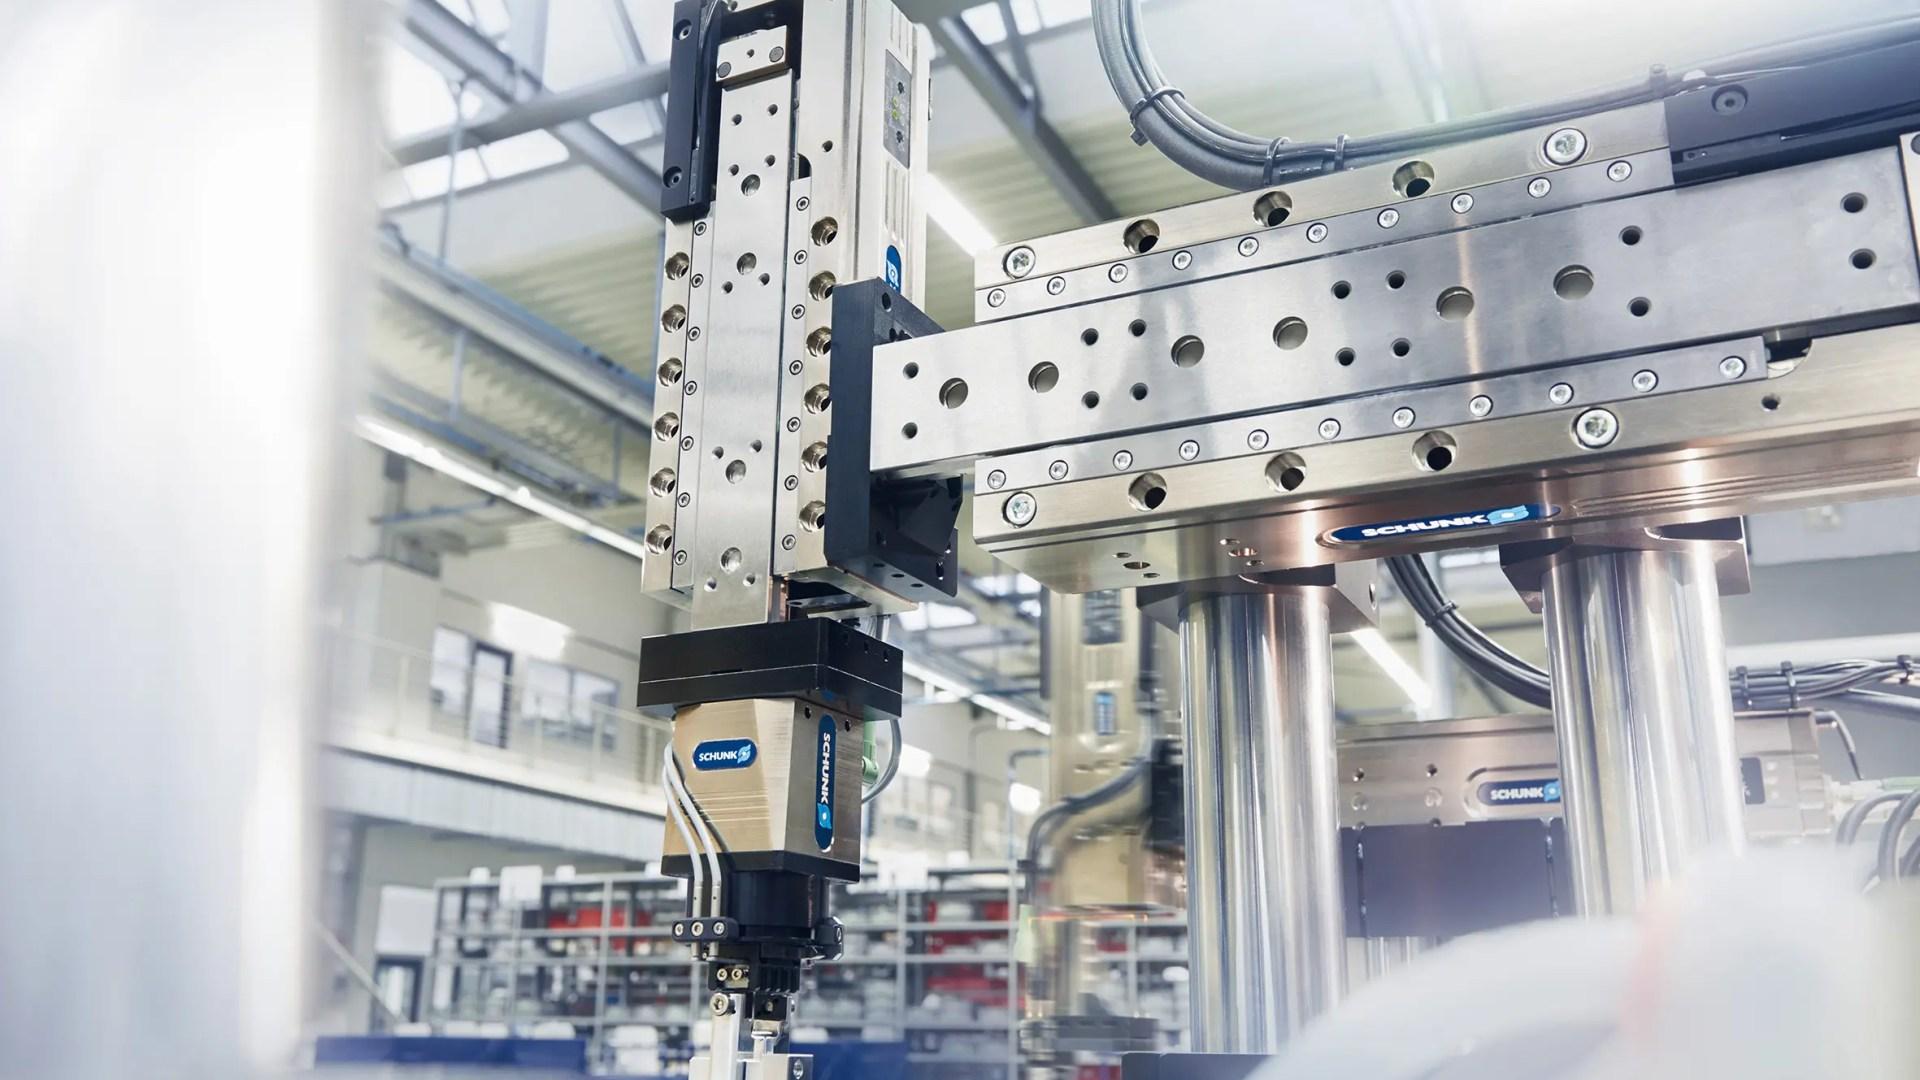 Sencillo e inteligente: el primer eje compacto de 24 V a nivel mundial  con función de aprendizaje automático y controlador integrado